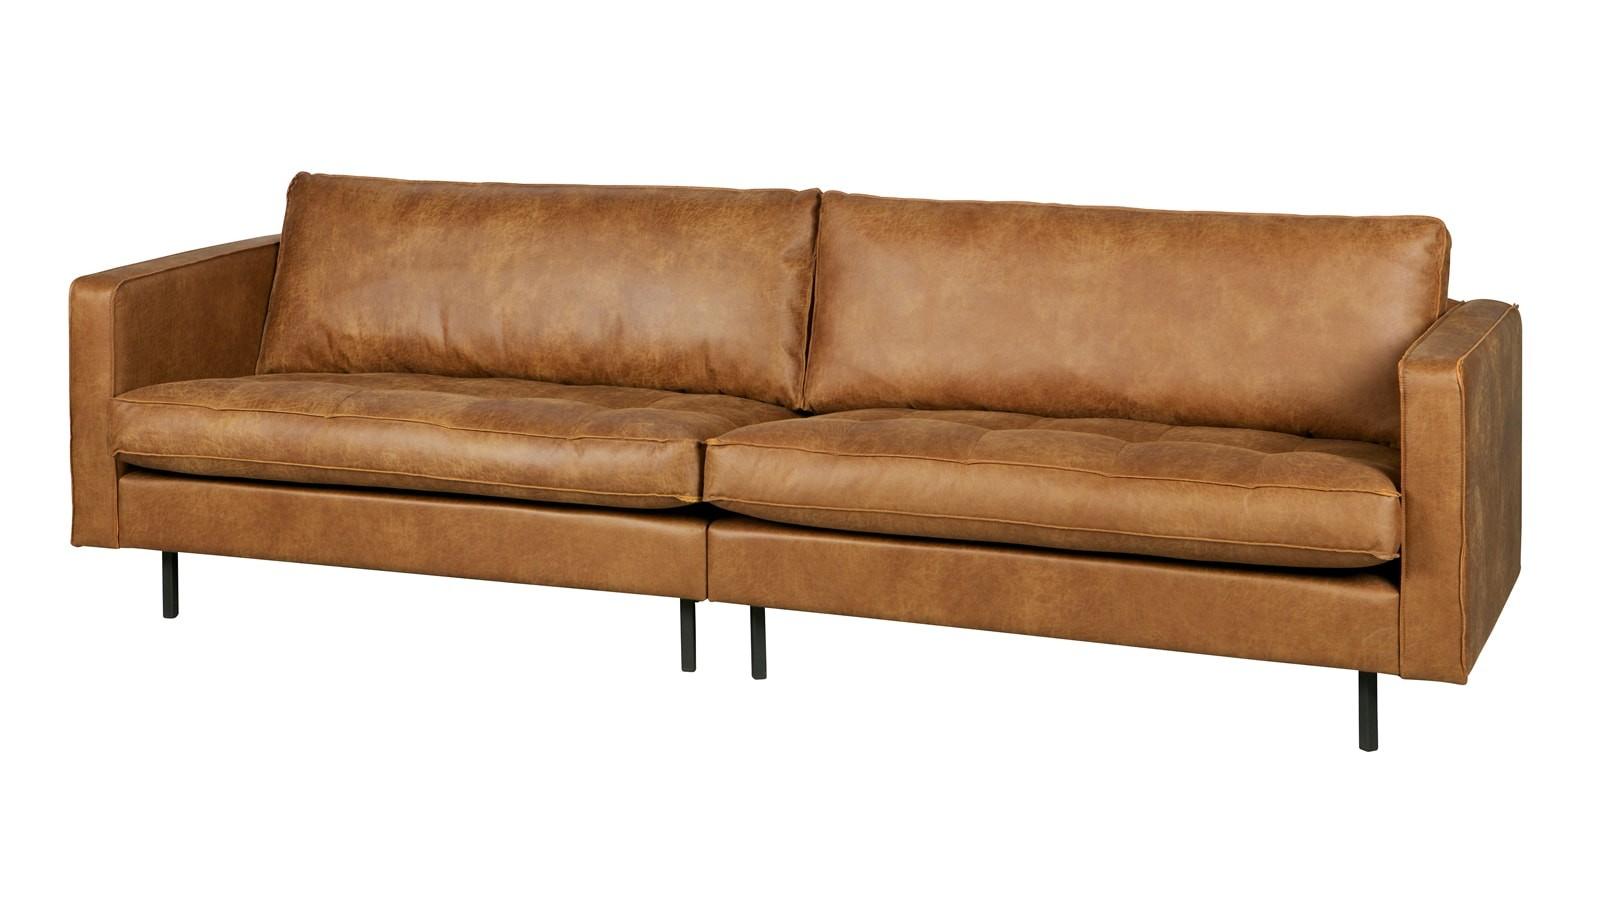 Canapé D Angle Bois Et Chiffon Luxe Stock Les Canapés En Bois Alamode Furniture